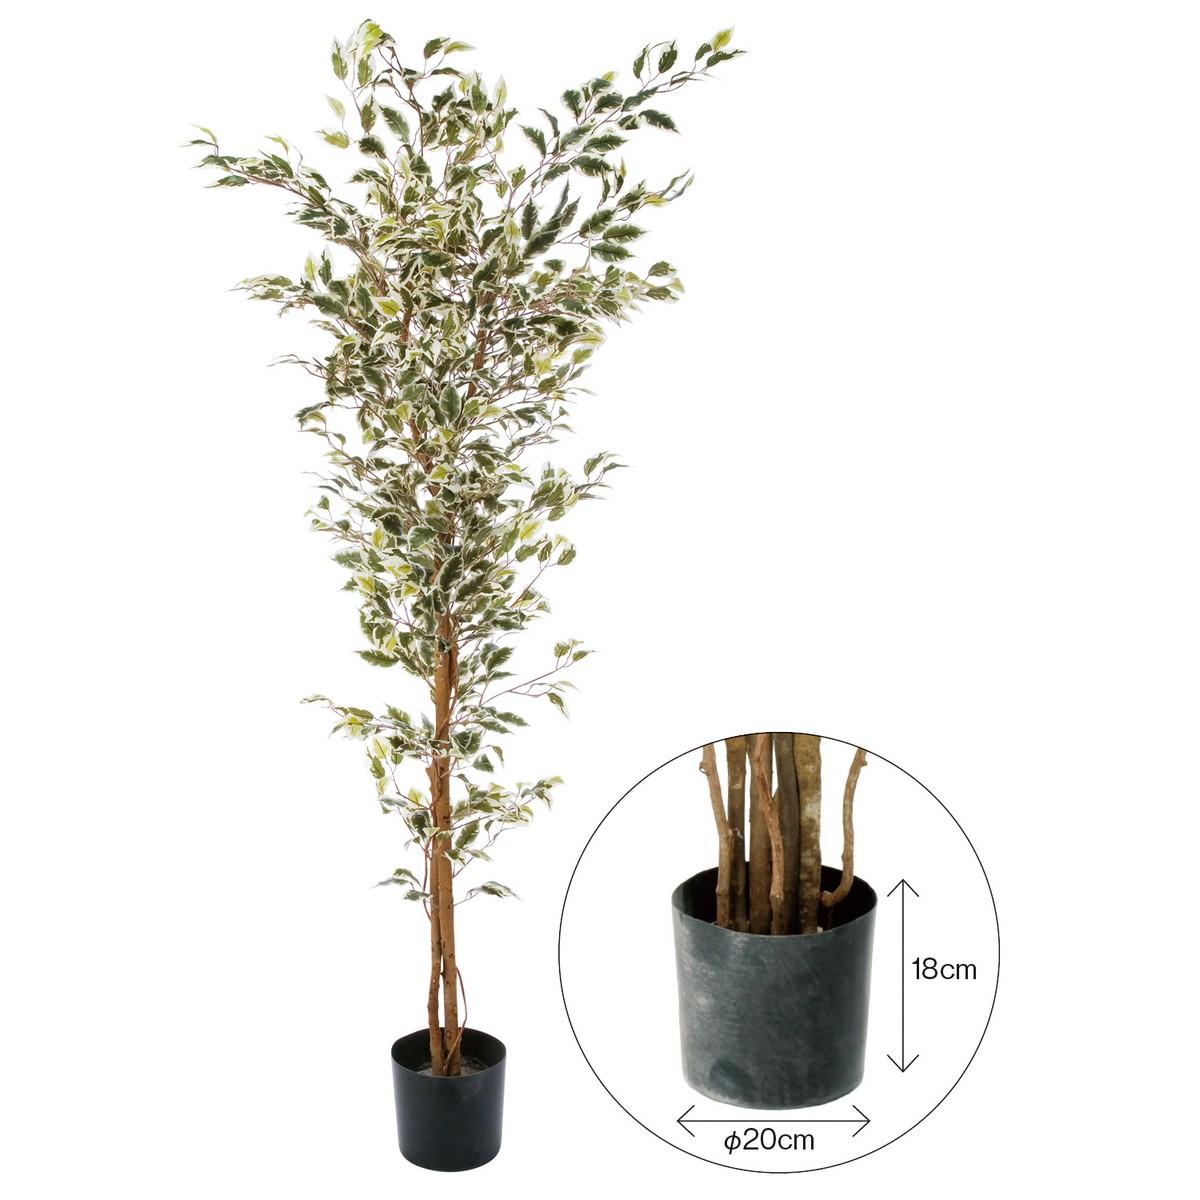 【直送】【人工観葉植物】YDM/ベンジャミンフィカスハワイアン 180cm 樹木のみ※ポットなし/GLP1310※返品・代引不可【01】